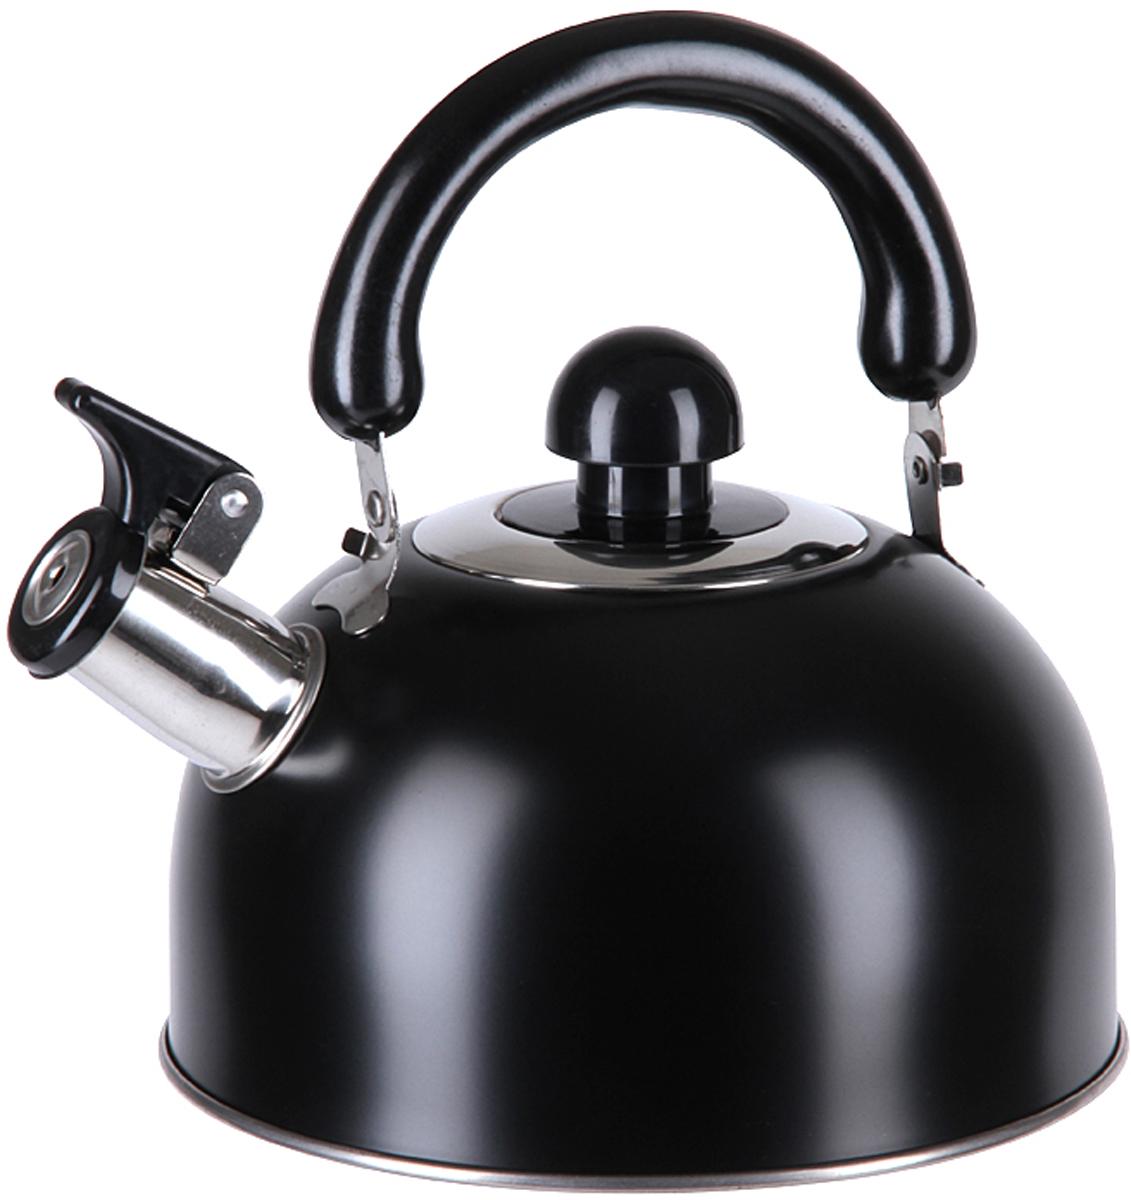 Чайник Pomi d'Oro со свистком  Объем: 3,0 л, полезный объем 2,5 л.  Особенности:    Удобная не нагревающаяся бакелитовая ручка  Матовая полировка  Высококачественная нержавеющая сталь  Удобное открытие крышки носика  Свистит при закипании воды  Пригоден для мытья в посудомоечной машине